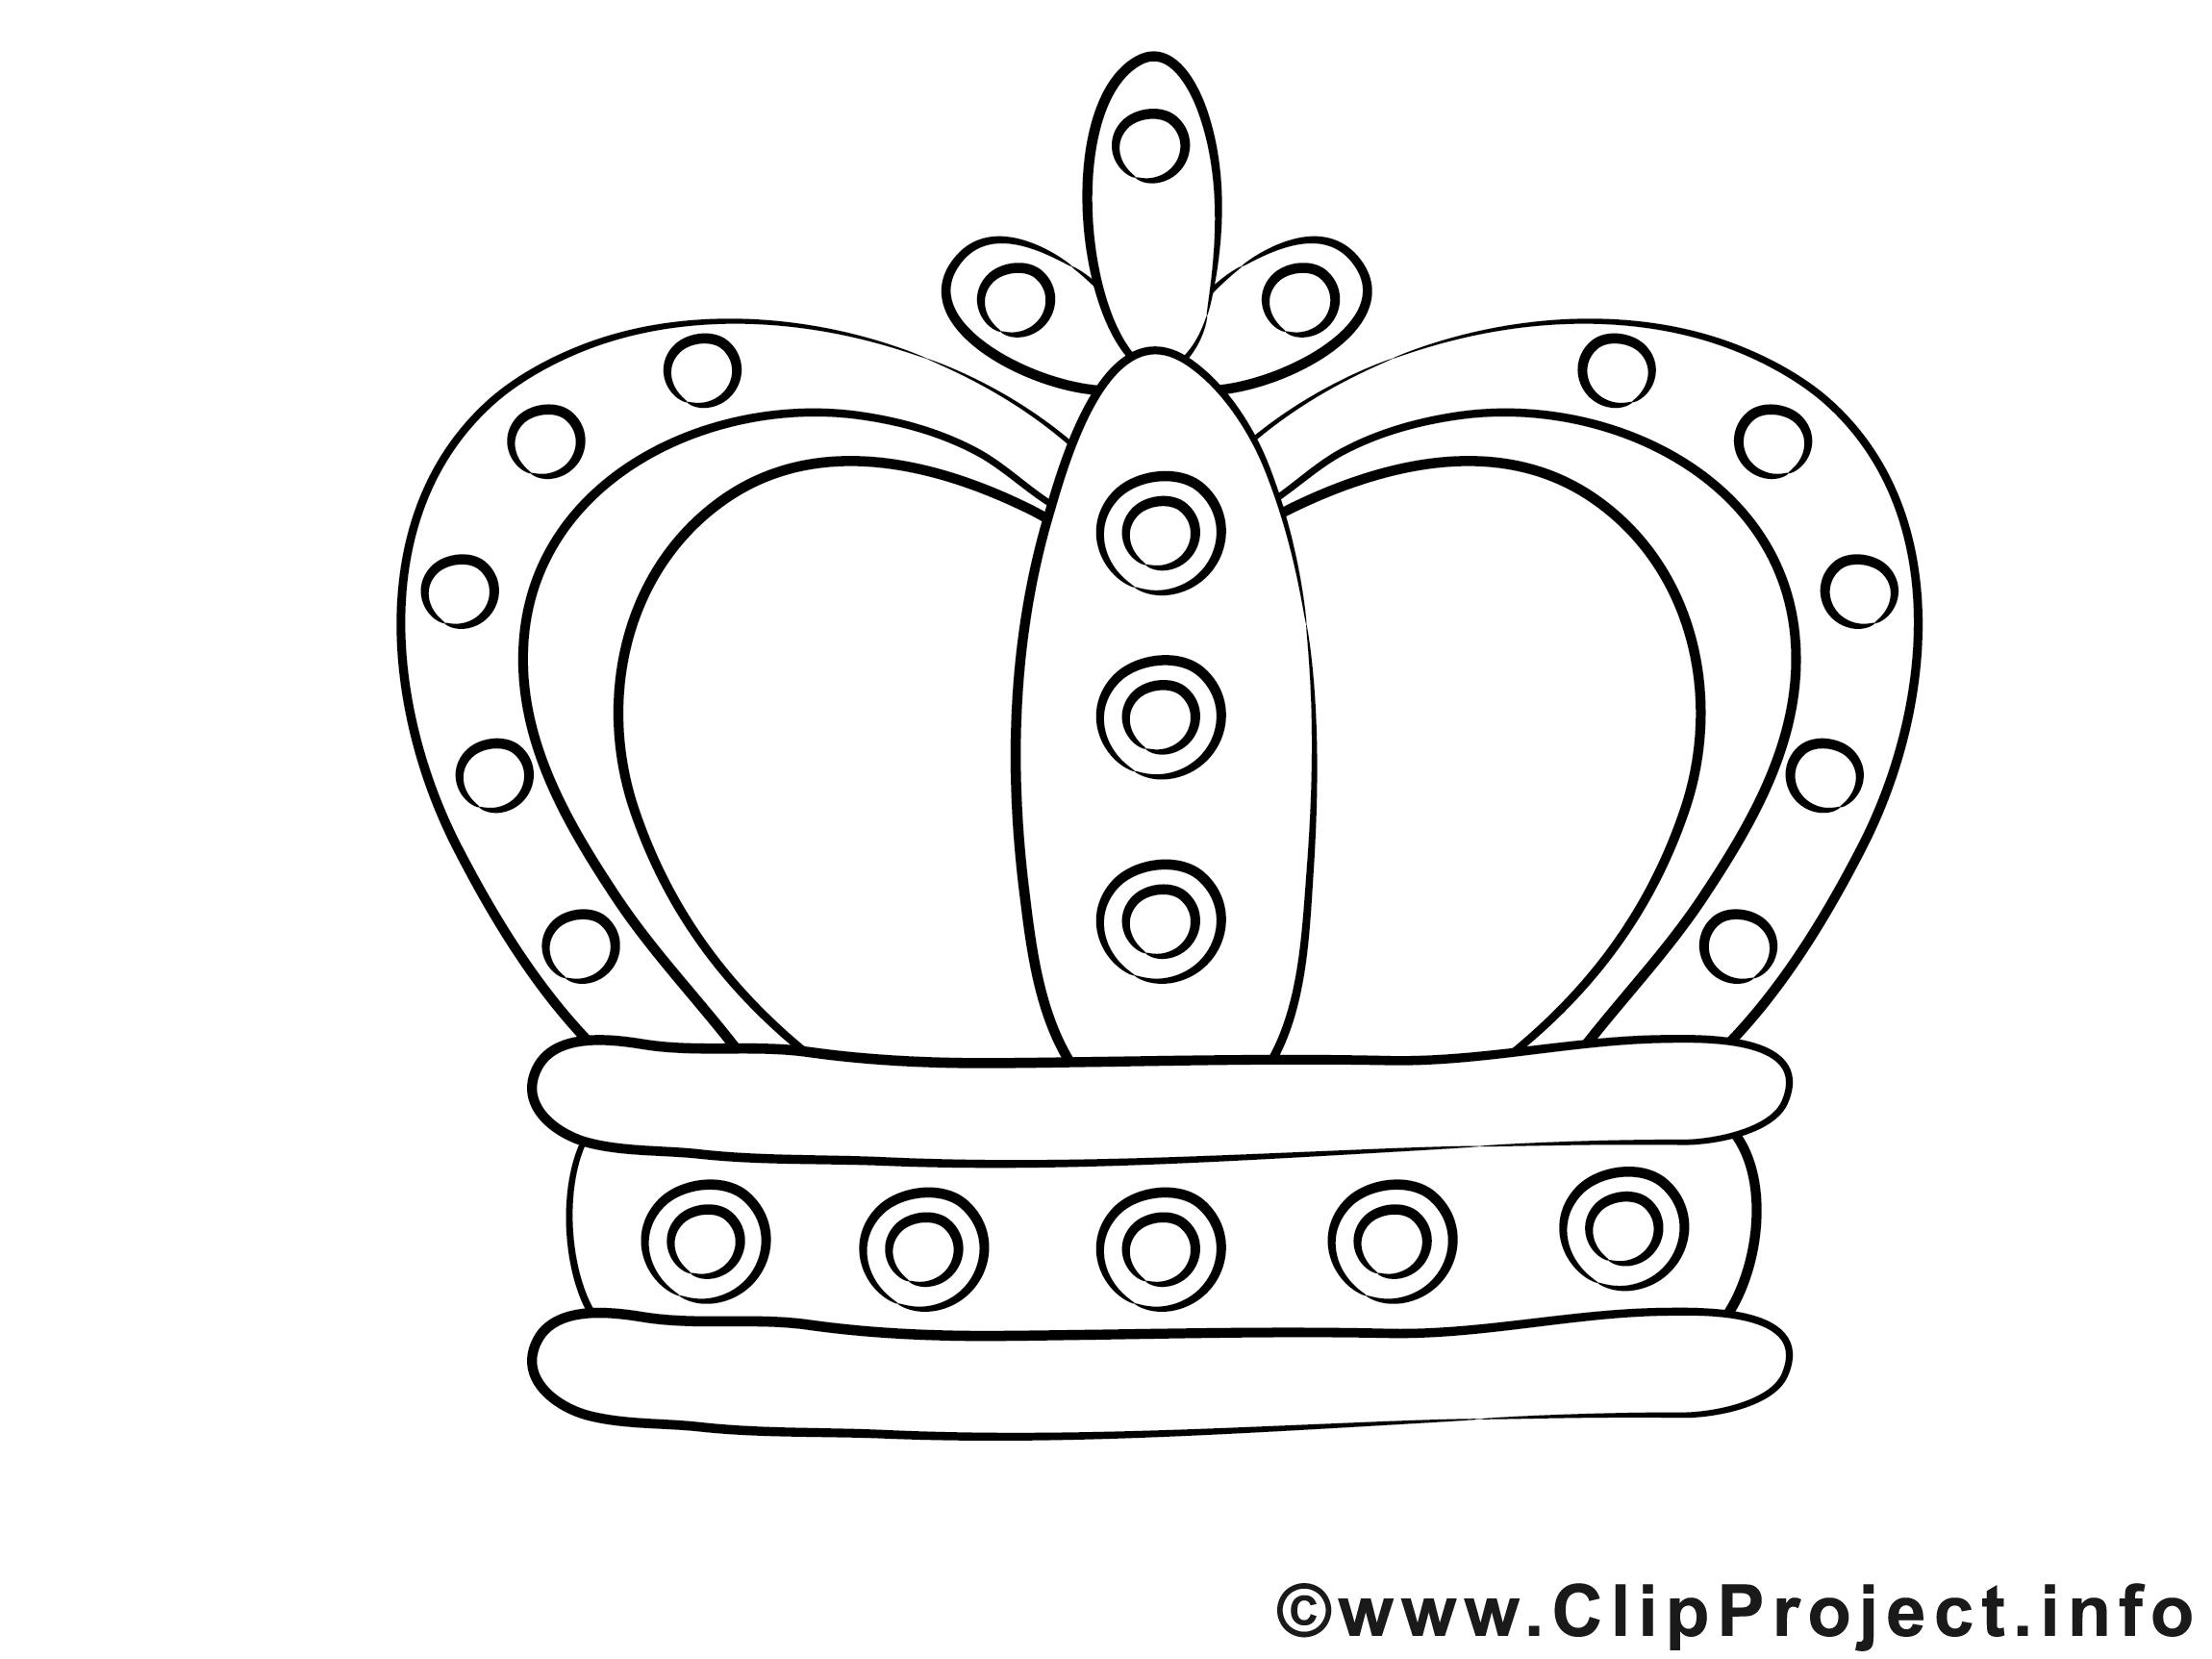 Bilder Zum Ausdrucken Und Ausmalen - Malvorlagen Für Kinder ganzes Malvorlage Krone